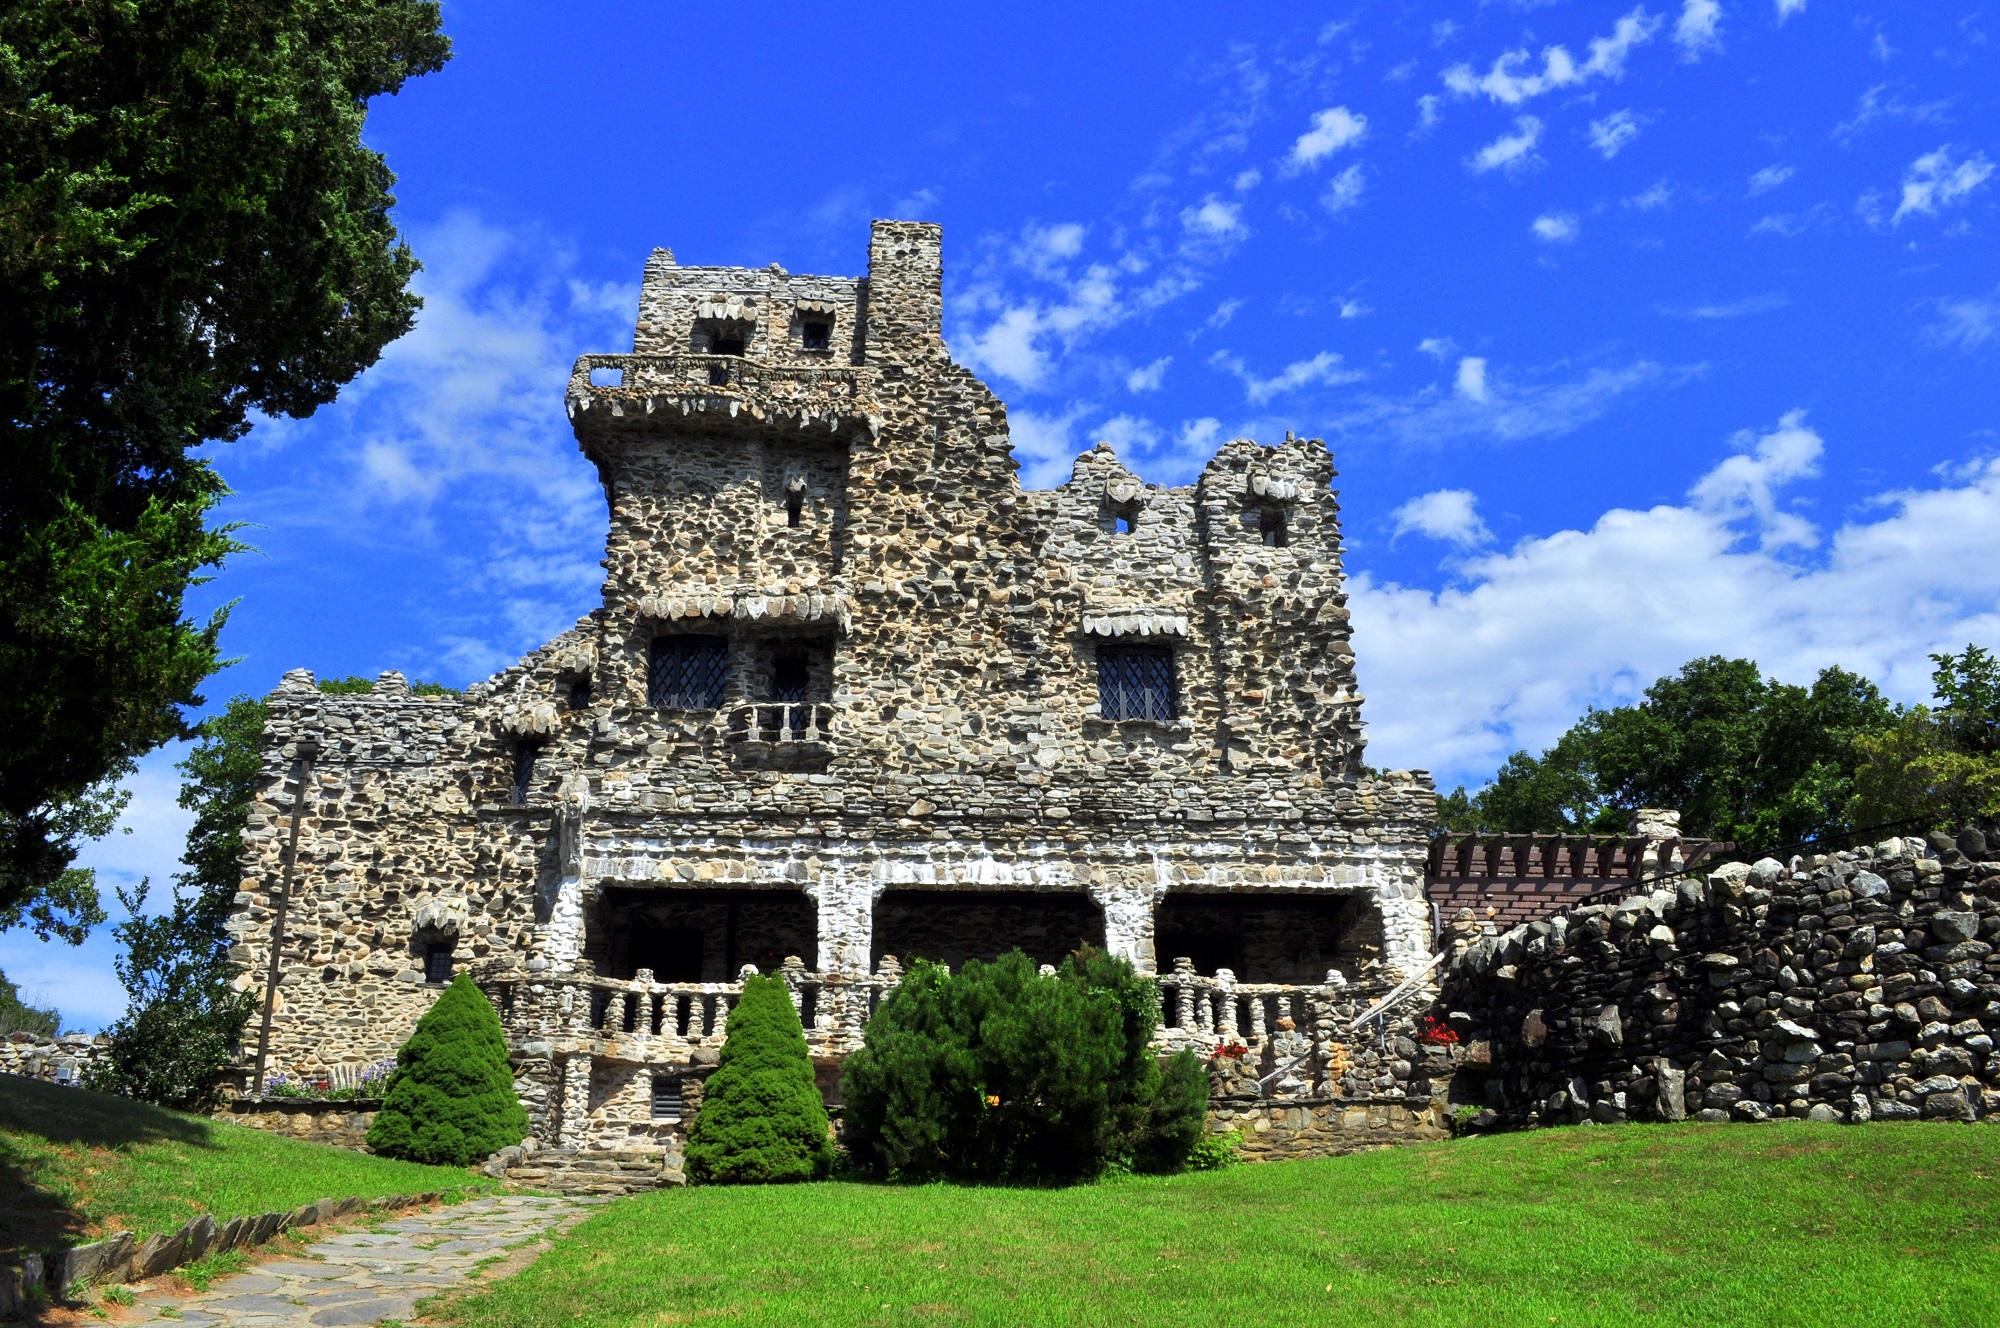 gillette_castle_05_9366284462.jpg